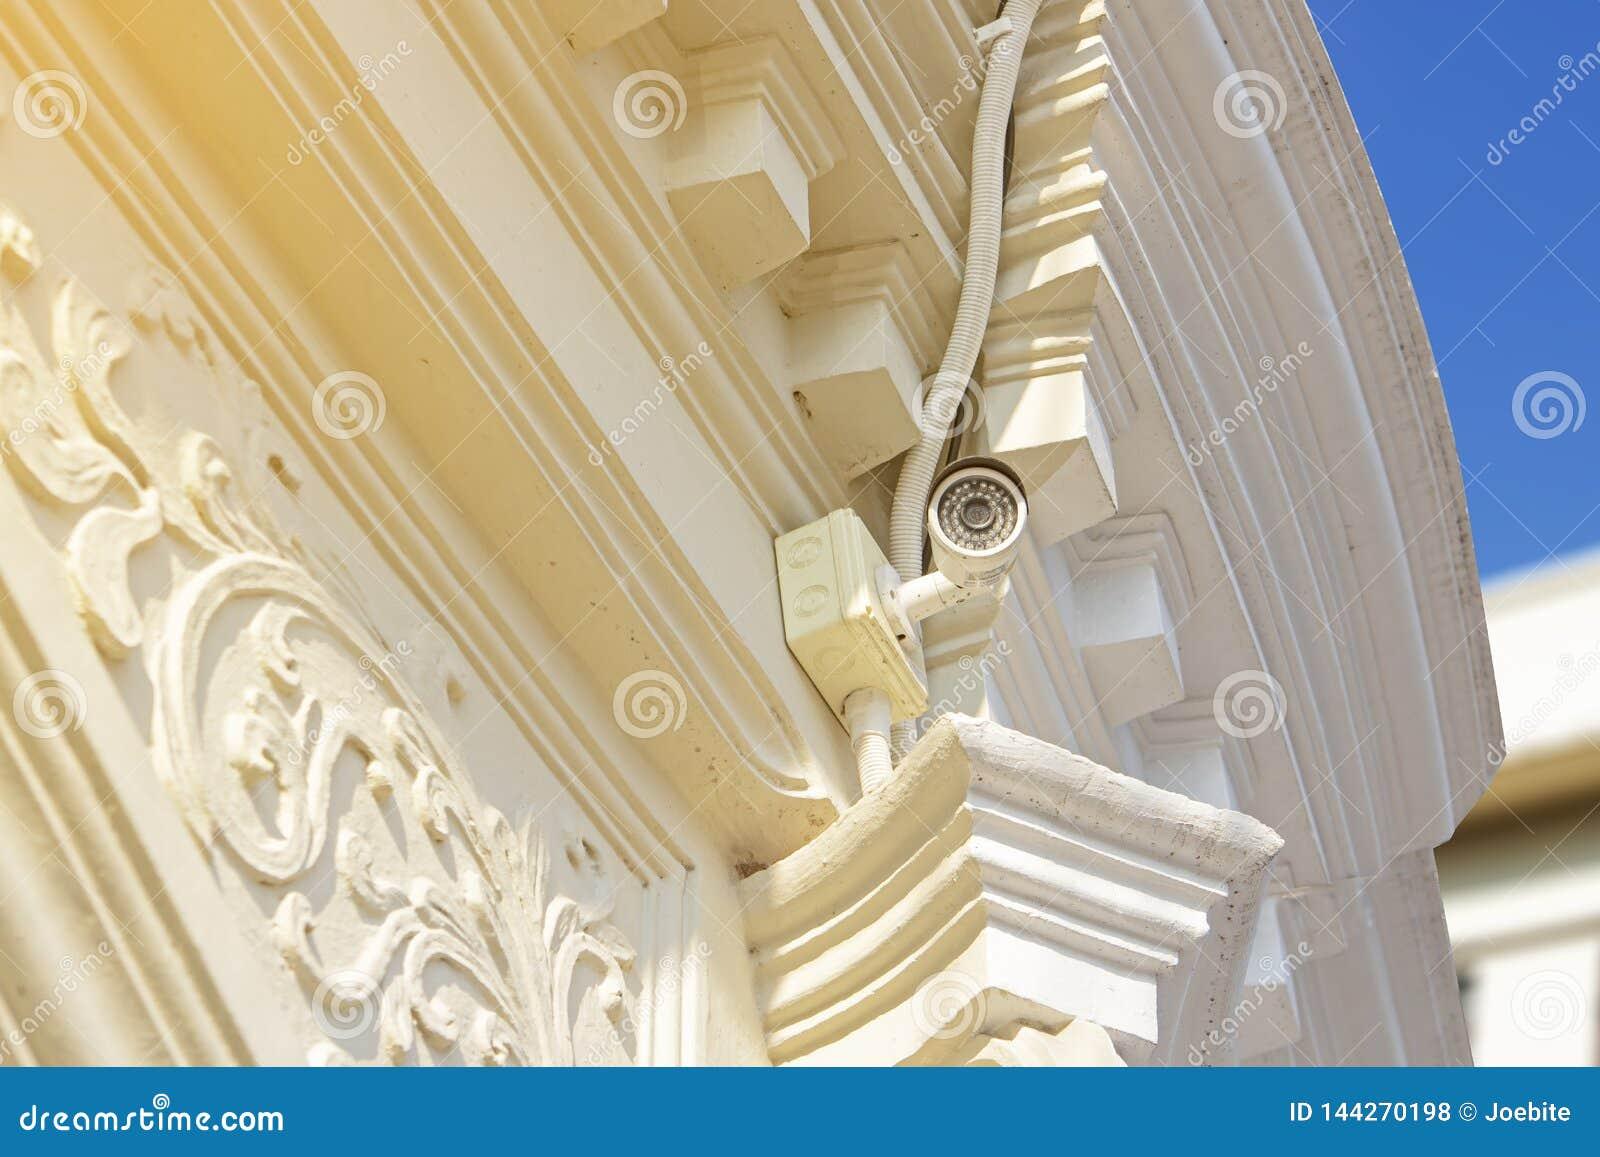 Biała CCTV kamera bezpieczeństwa na portugalczyk architektury budynku, telewizji przemysłowej dokumentacyjna aktywność zaludnia w